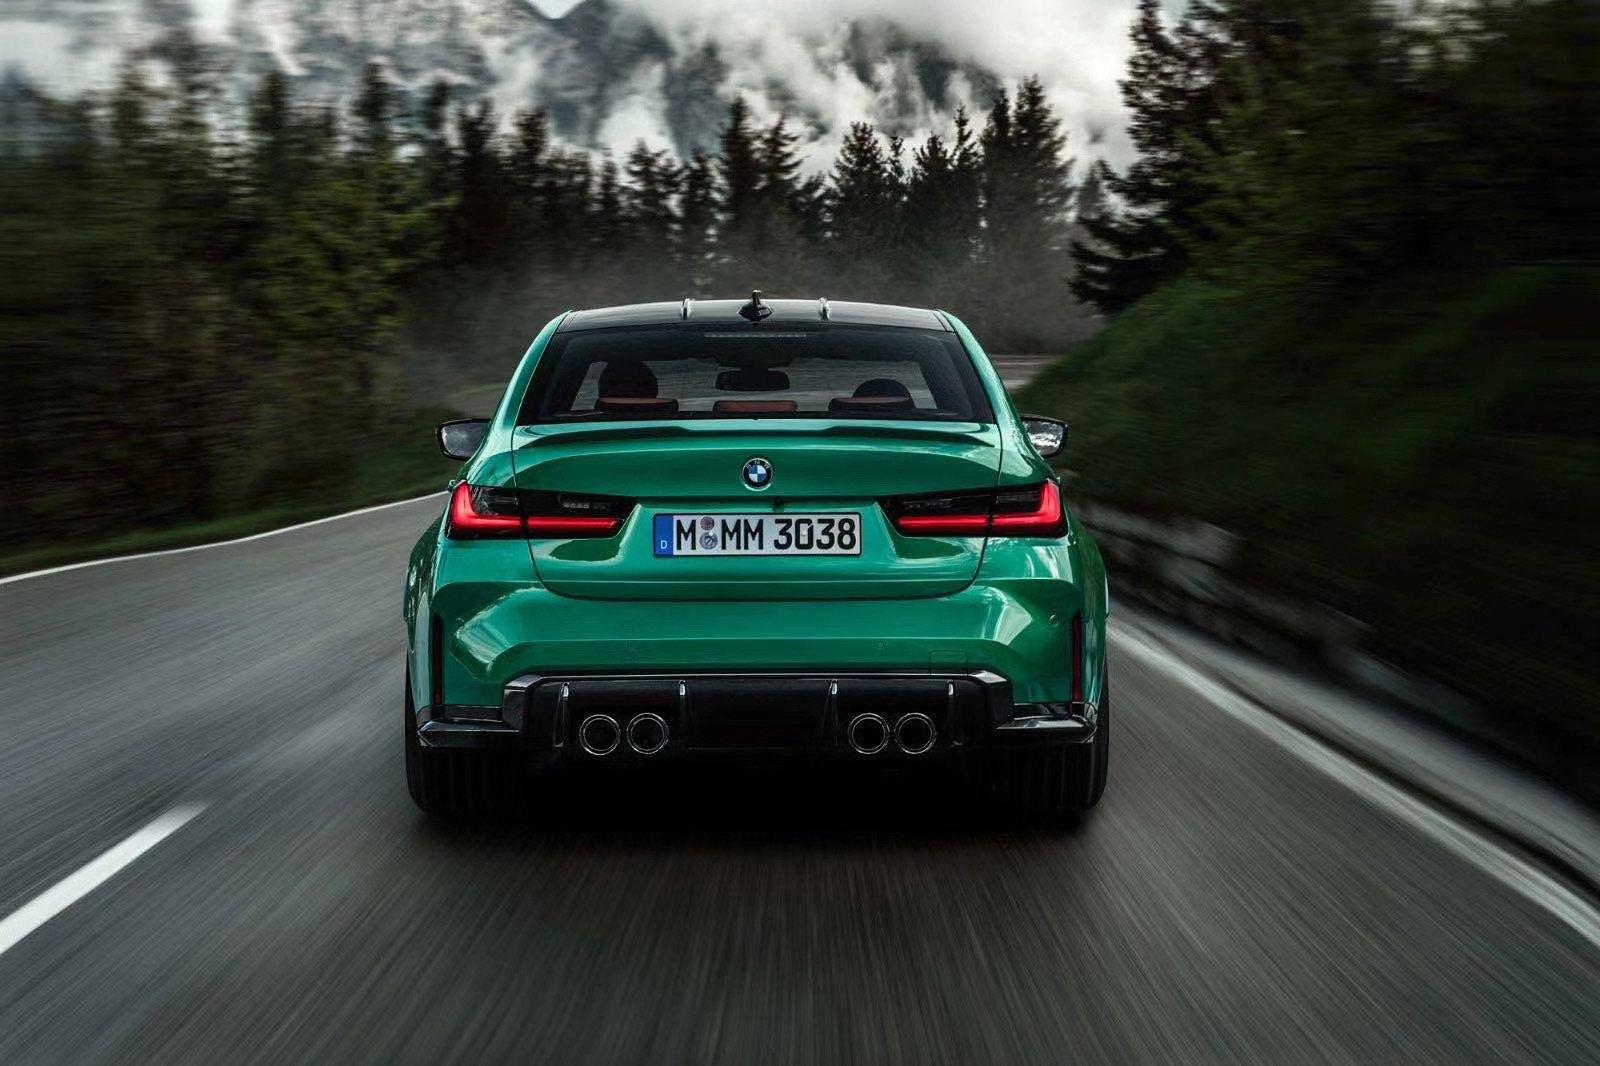 Leaked BMW M3 Rear